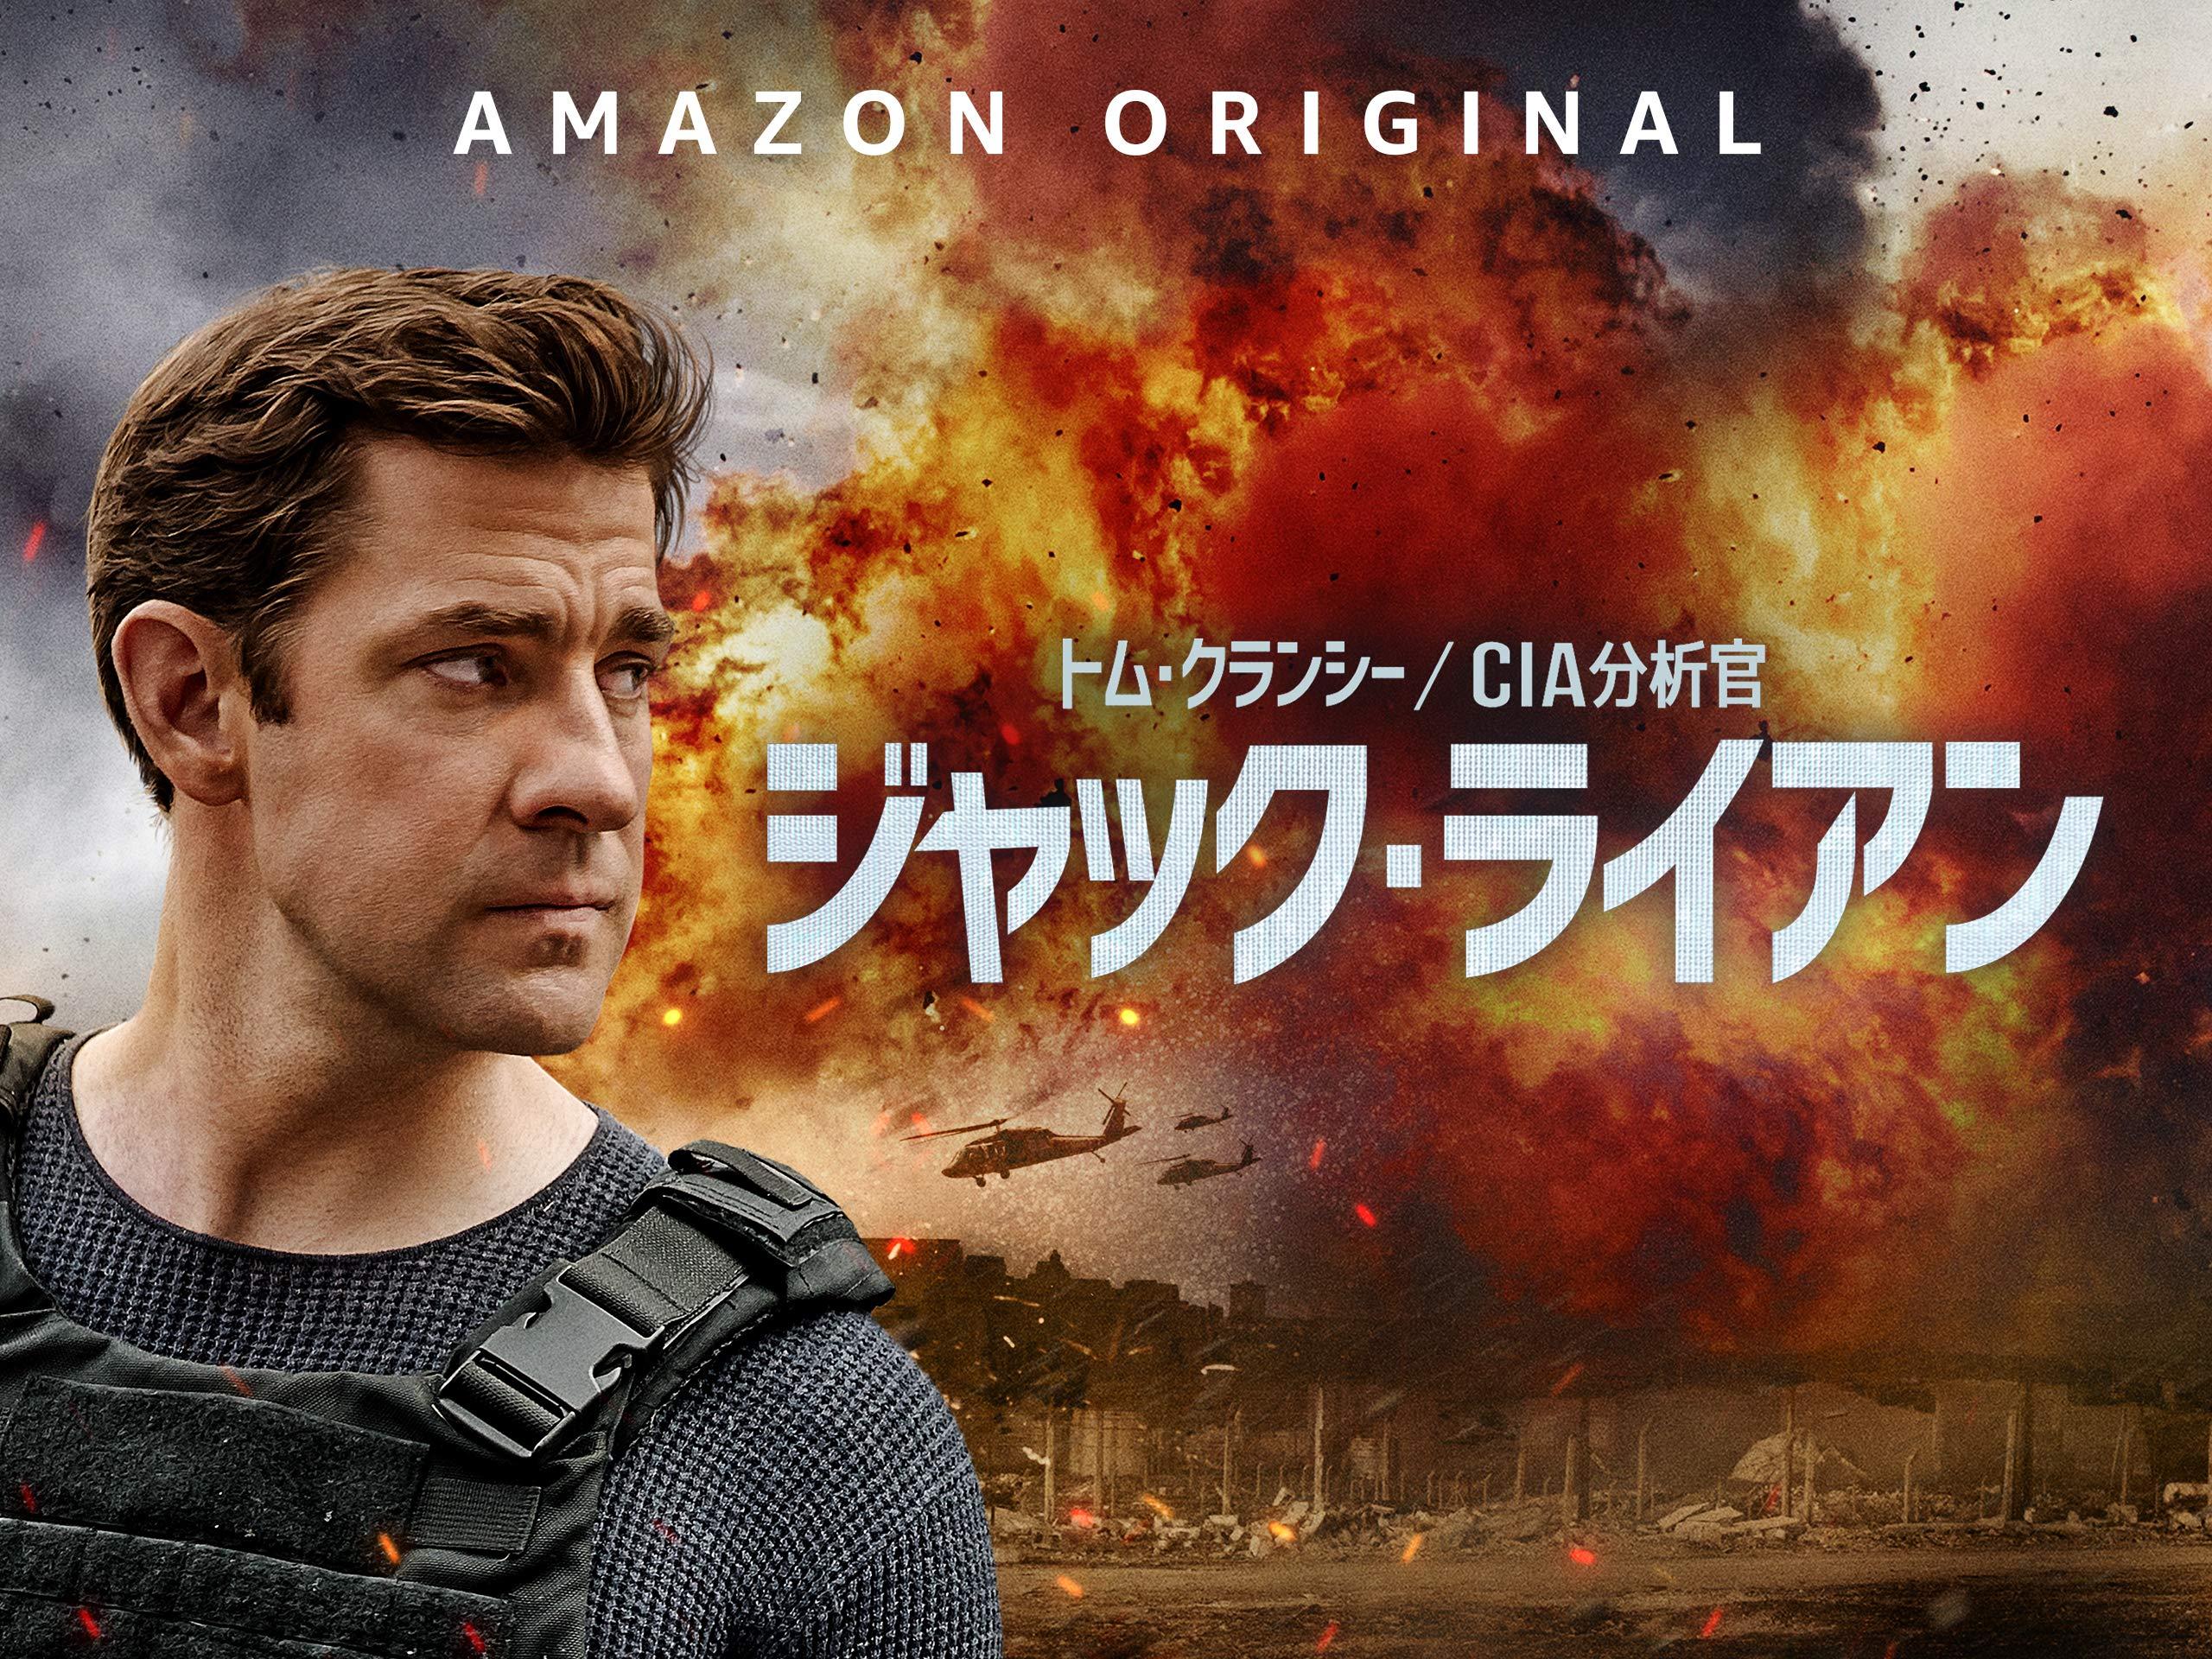 Amazon.co.jp: トム・クランシー/CIA分析官 ジャック・ライアン シーズン1を観る | Prime Video